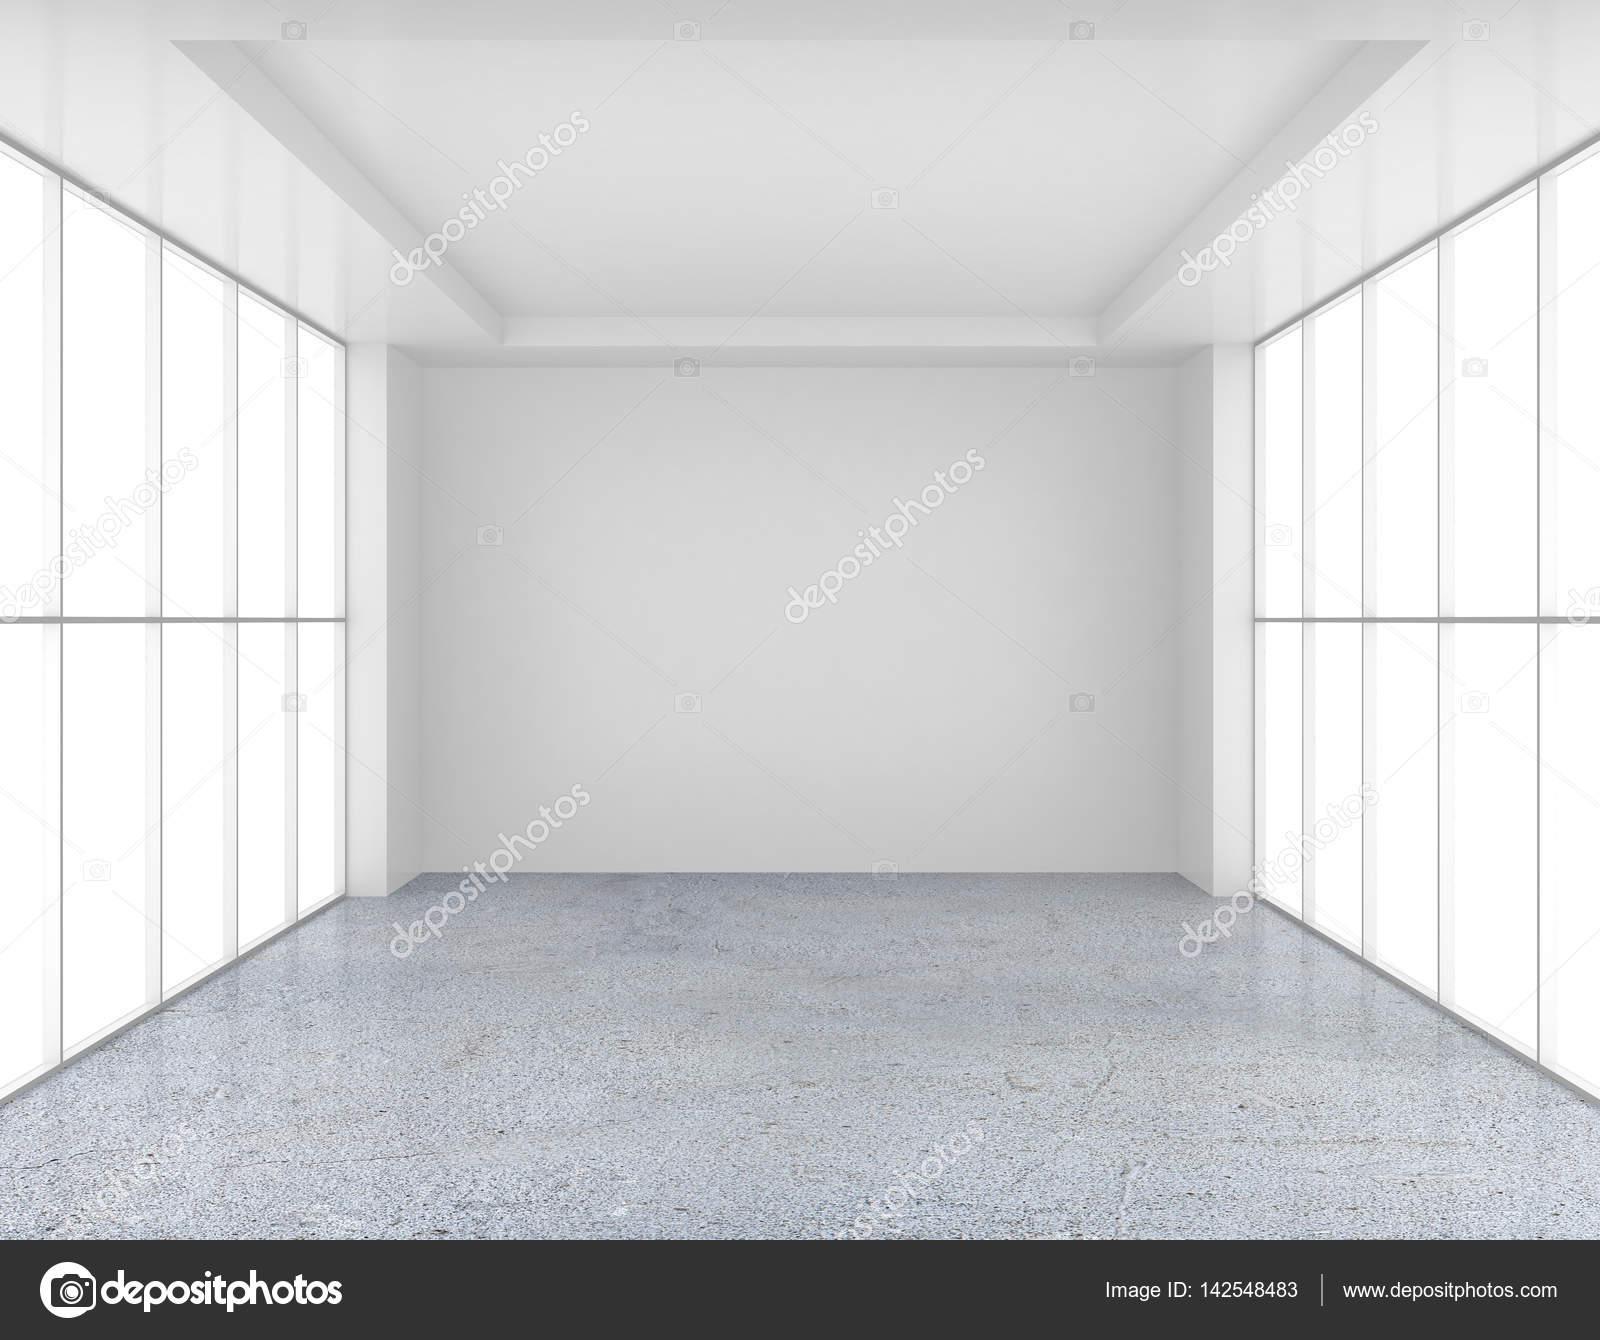 wei en leeren raum und betonboden 3d rendering stockfoto mirexonlife 142548483. Black Bedroom Furniture Sets. Home Design Ideas